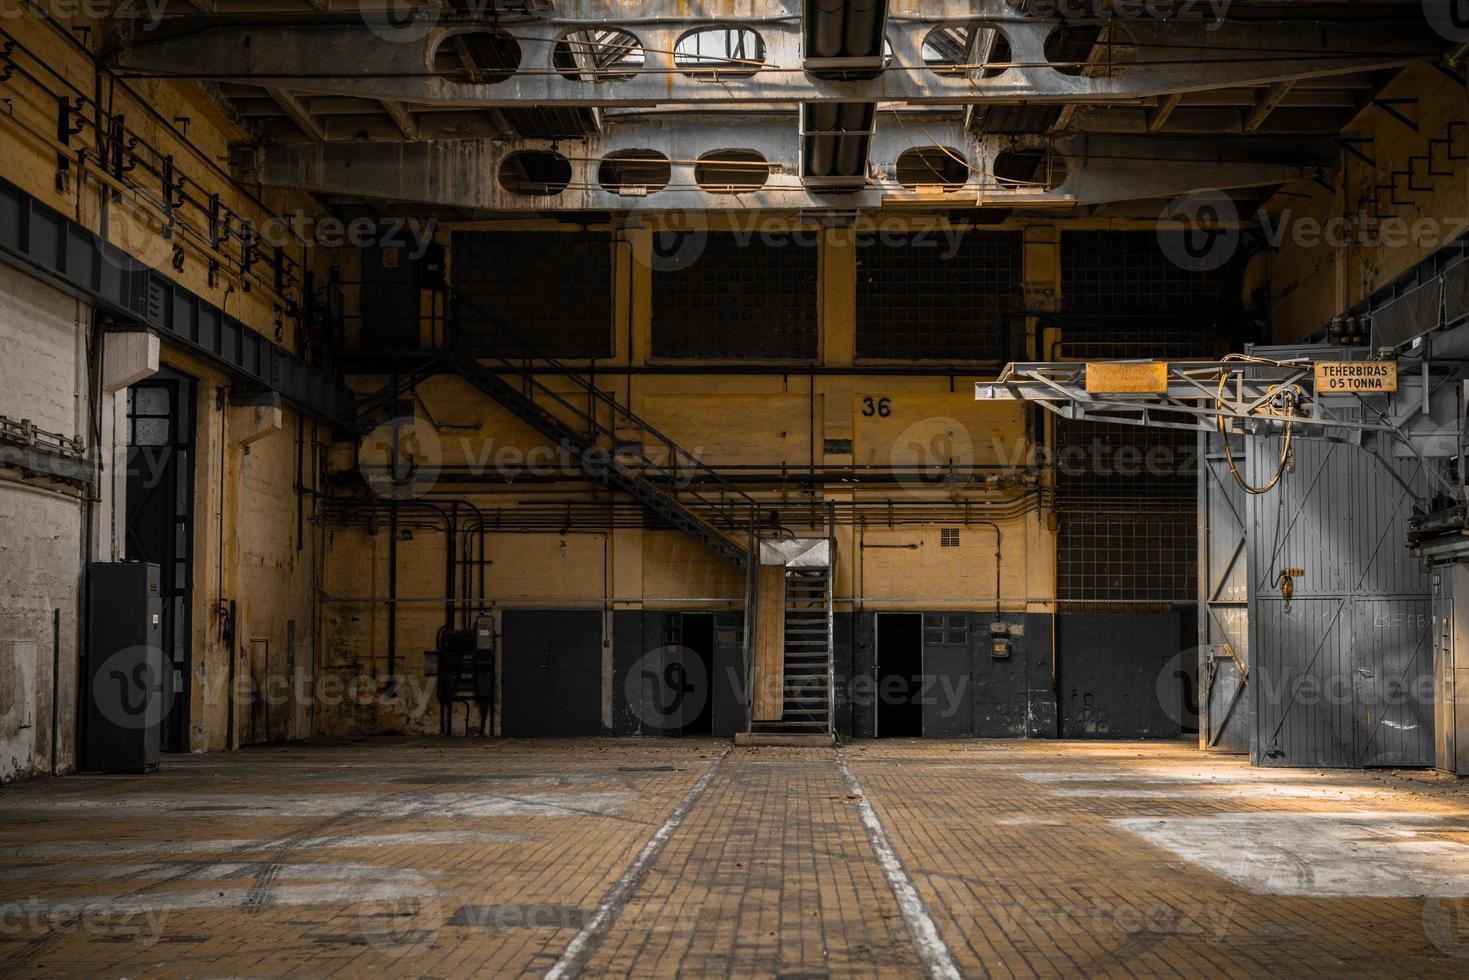 grote industriële hal van een reparatie station foto